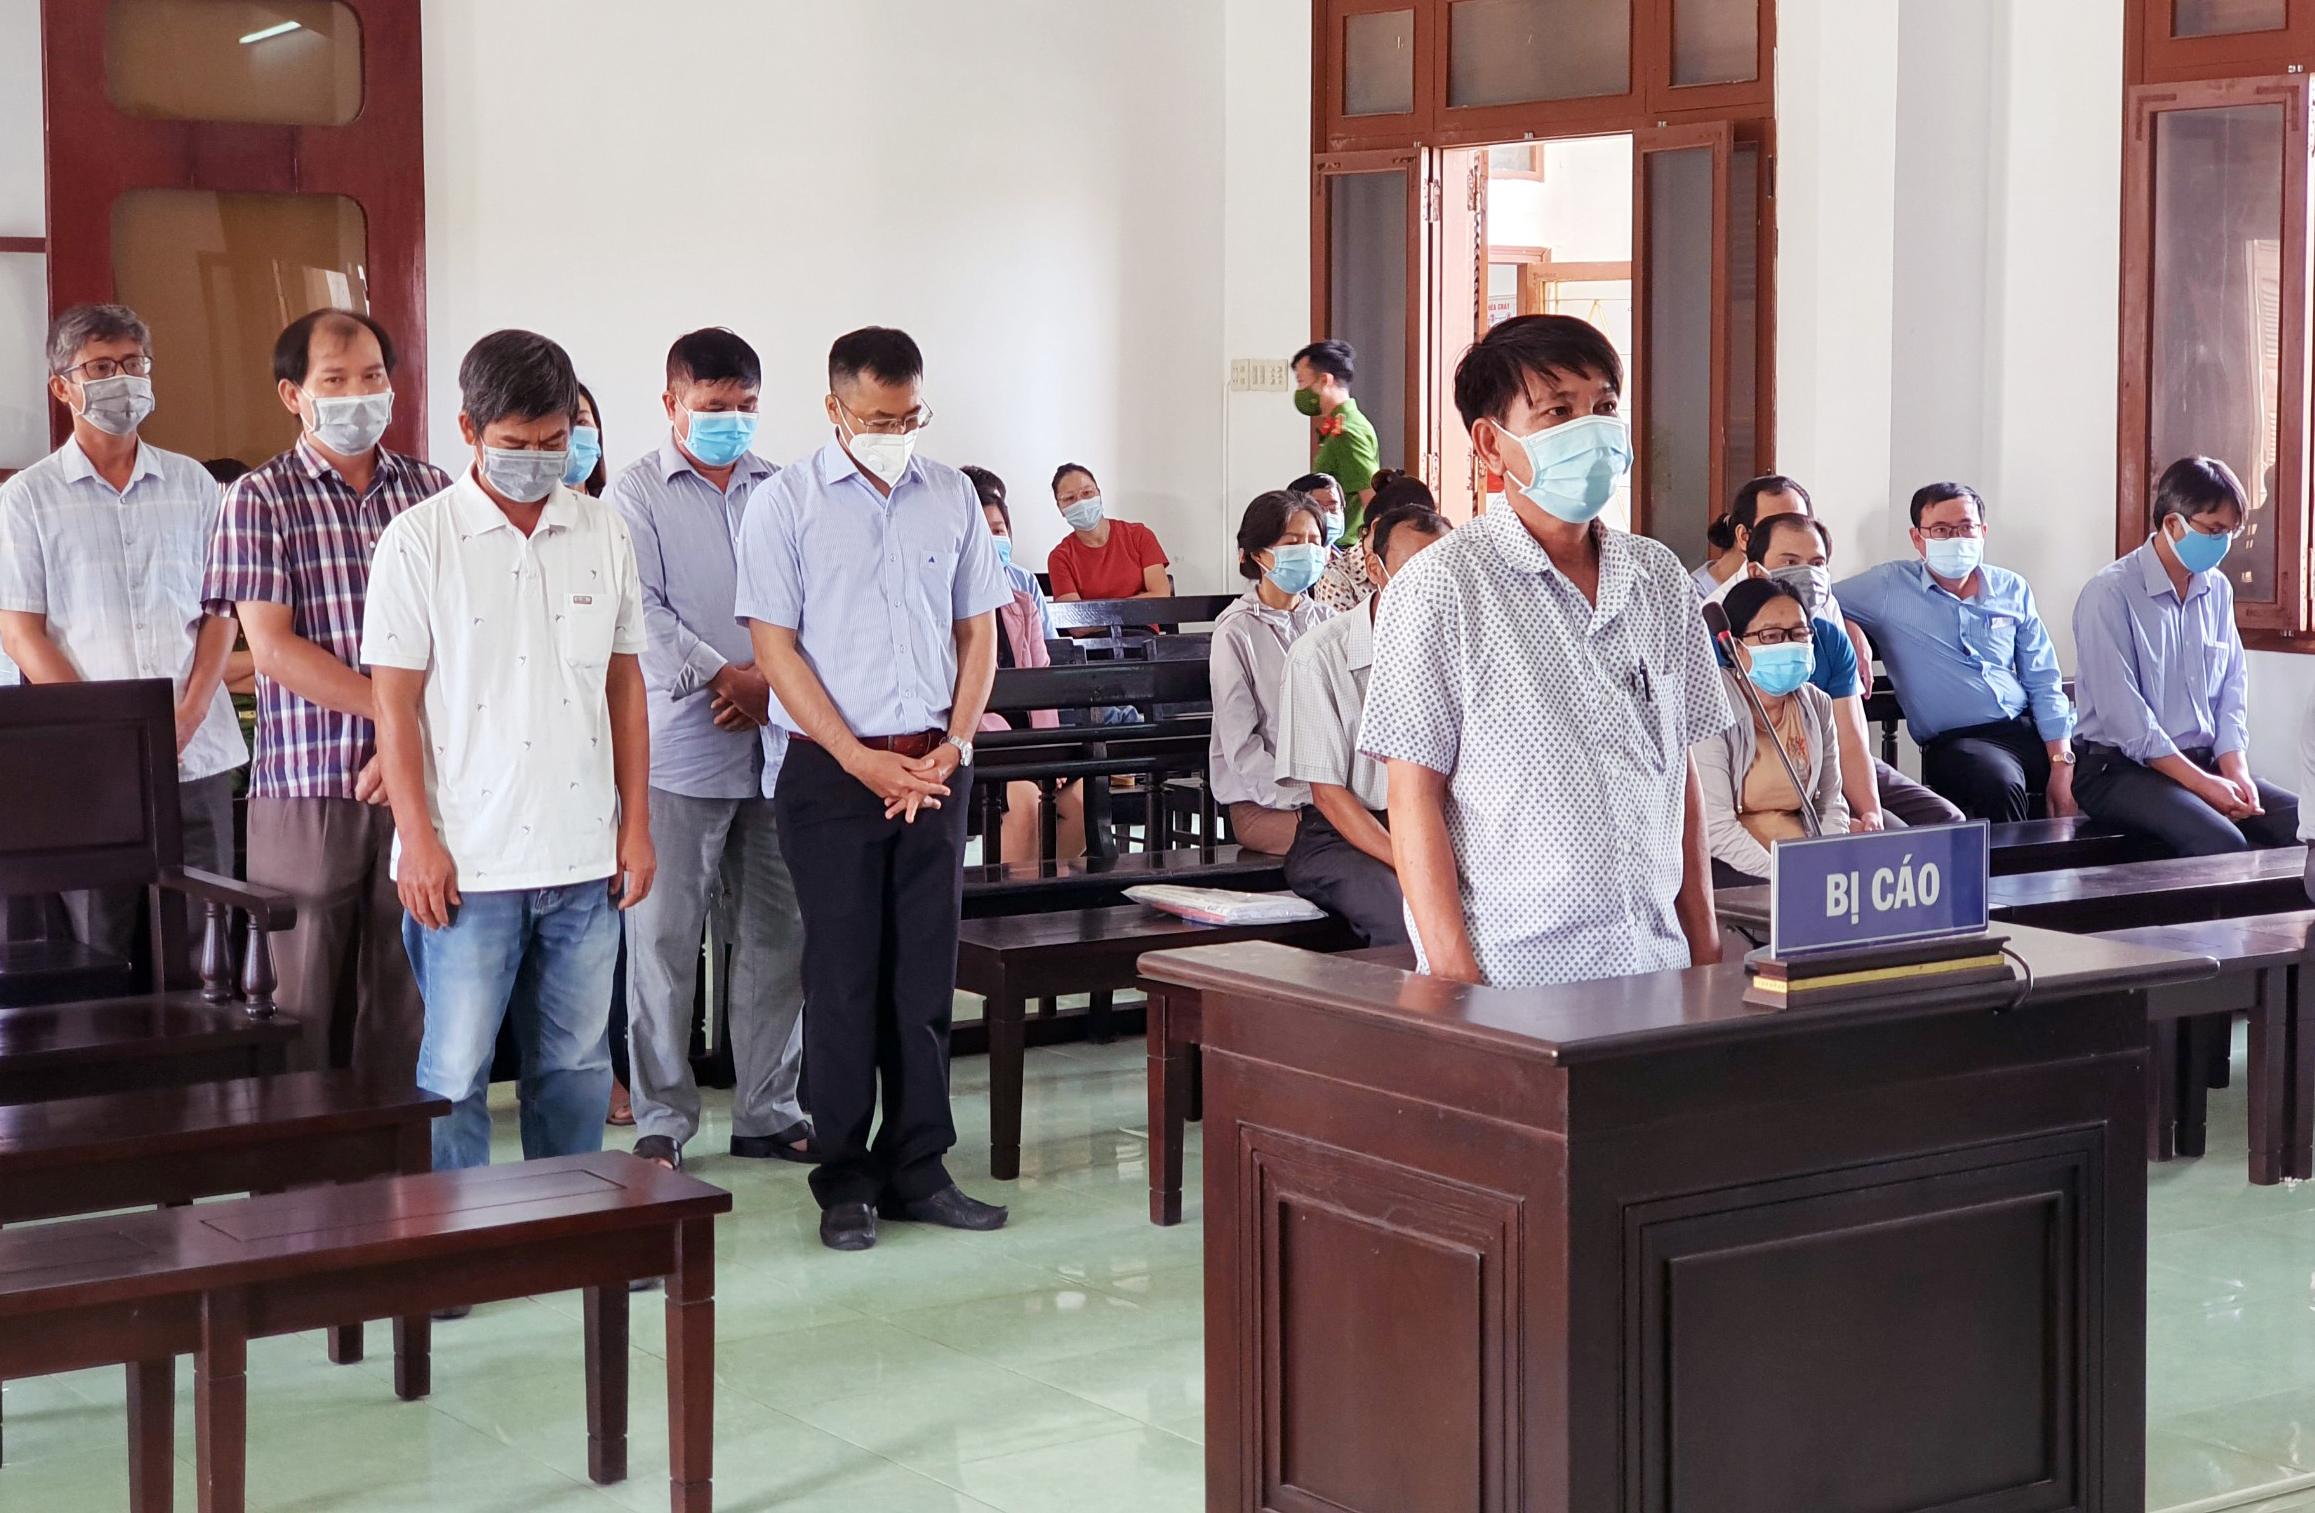 Các bị cáo trong vụ án lộ đề thi công chức tại tỉnh Phú Yên bị TAND đưa ra xét xử, sáng 25/9. Ảnh: An Phước.